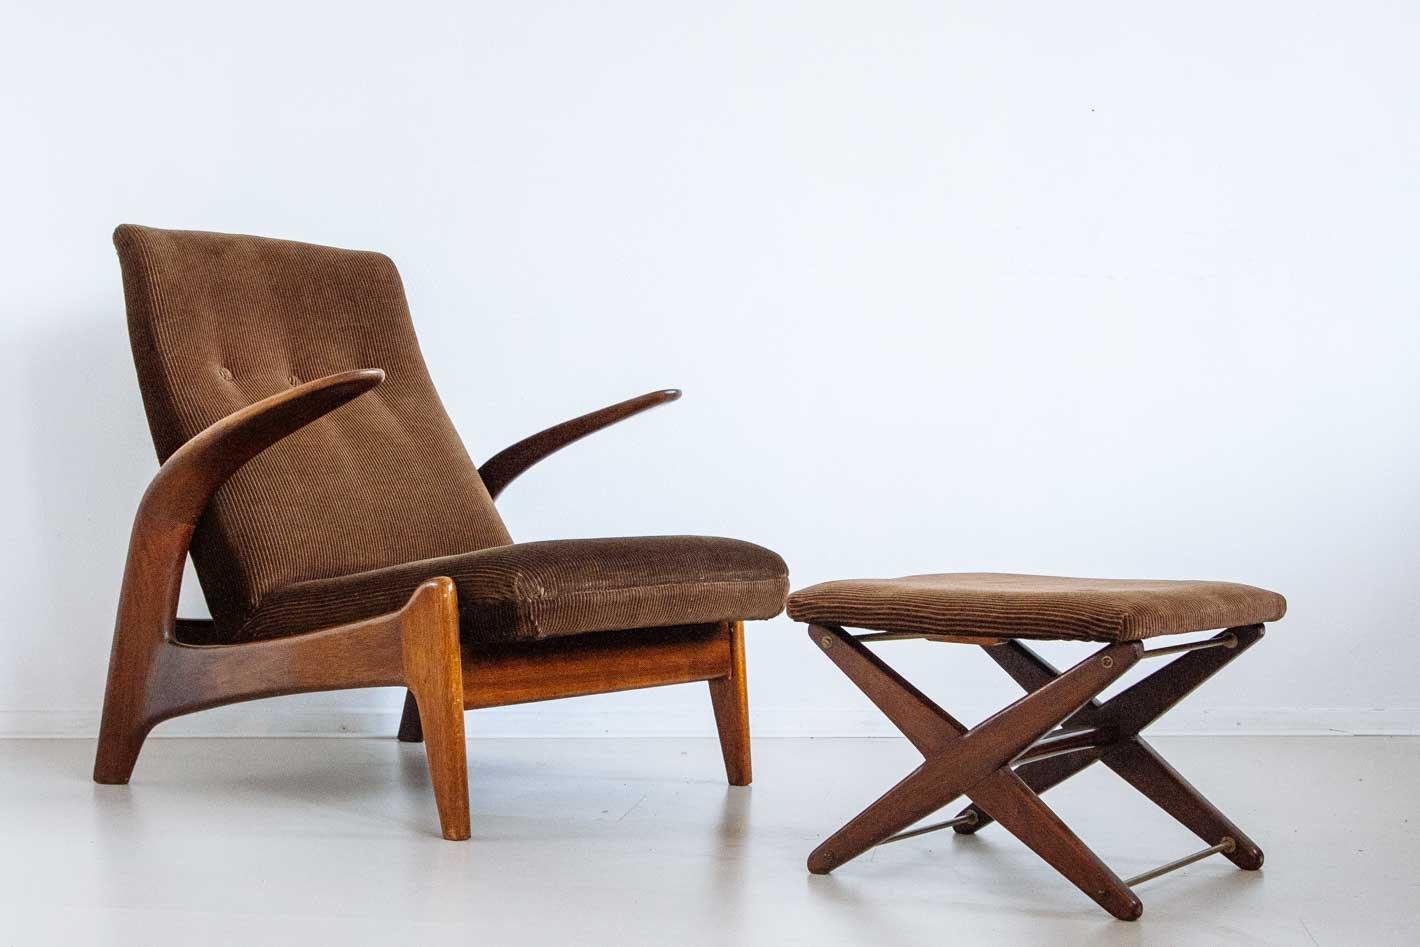 vintage lounge stuhl und fu hocker von gimson slater bei pamono kaufen. Black Bedroom Furniture Sets. Home Design Ideas